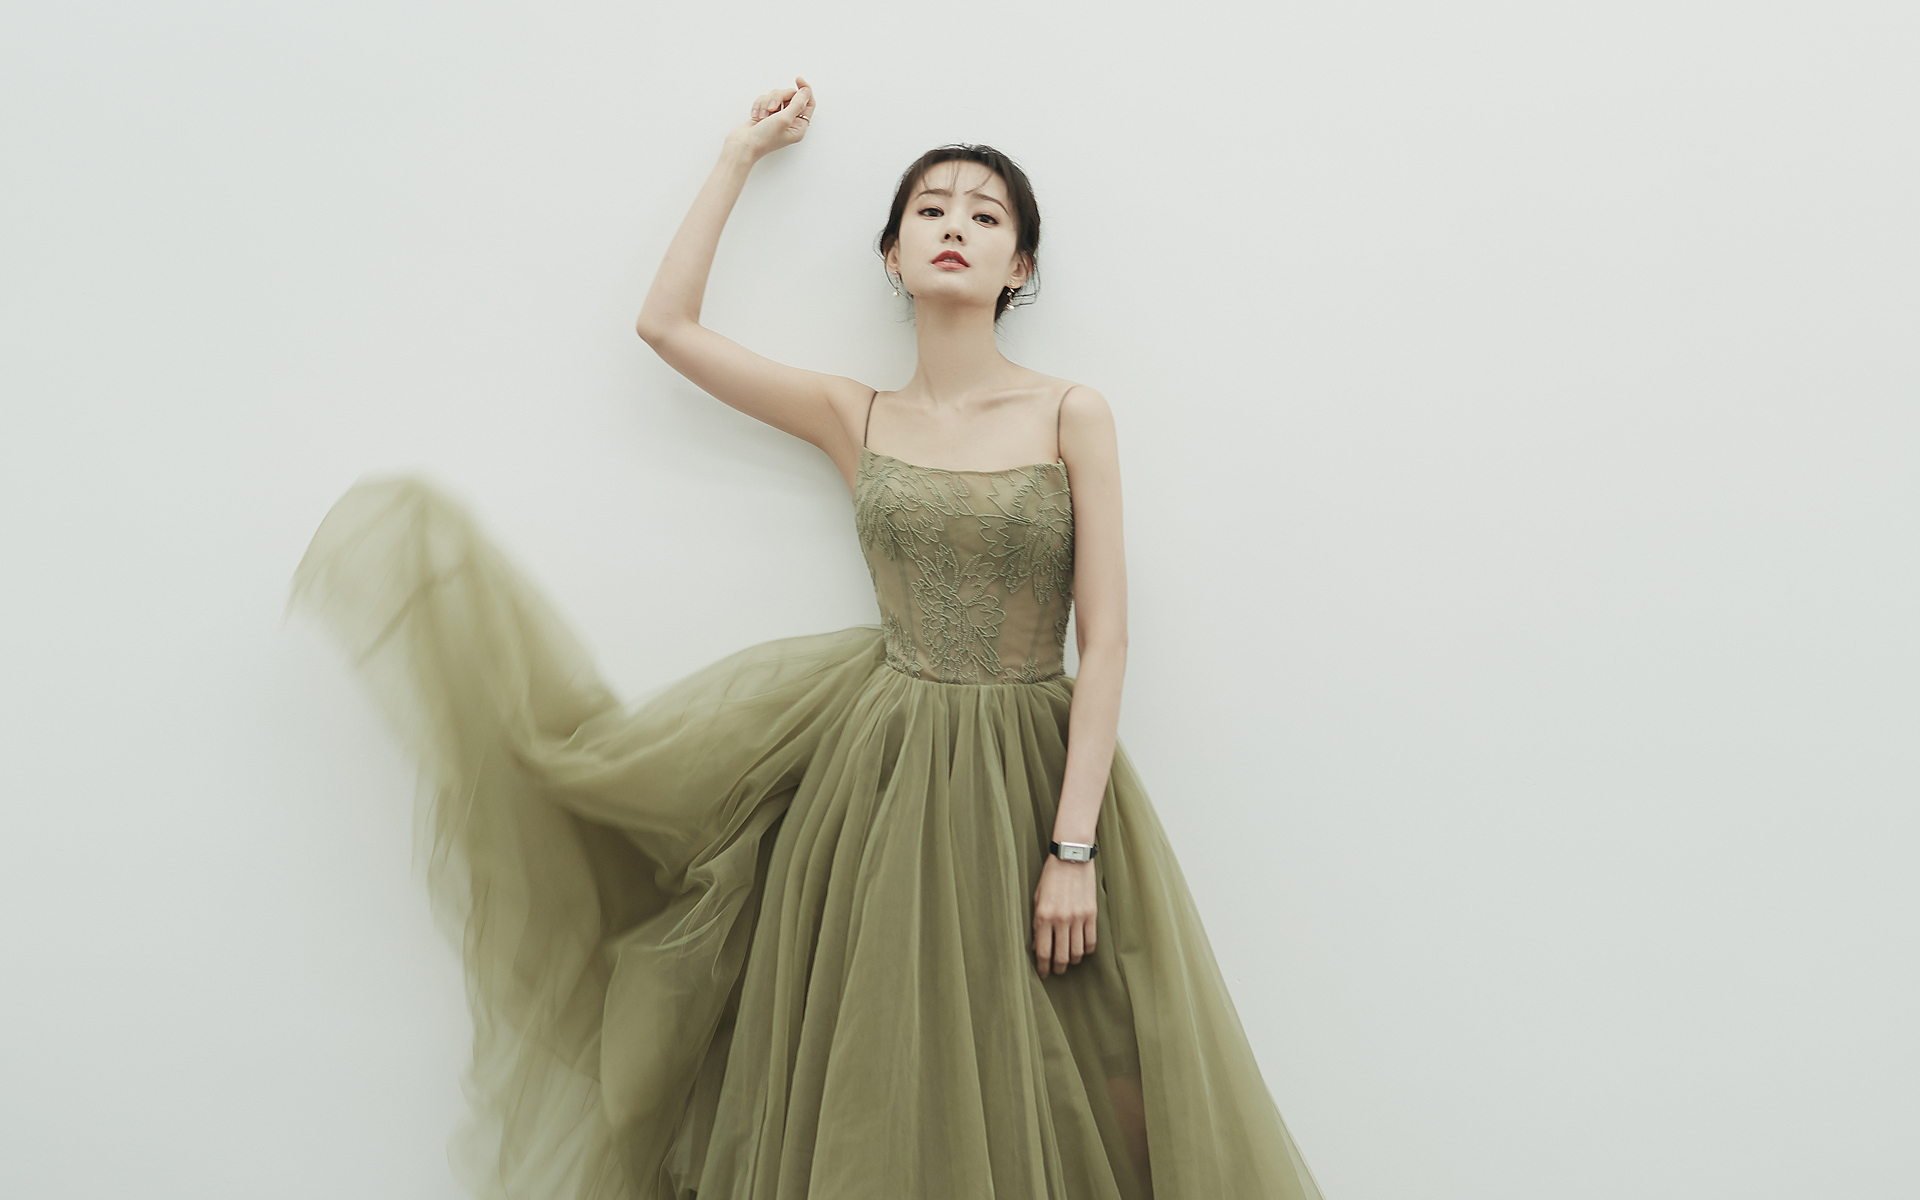 女演员李一桐性感写真高清壁纸